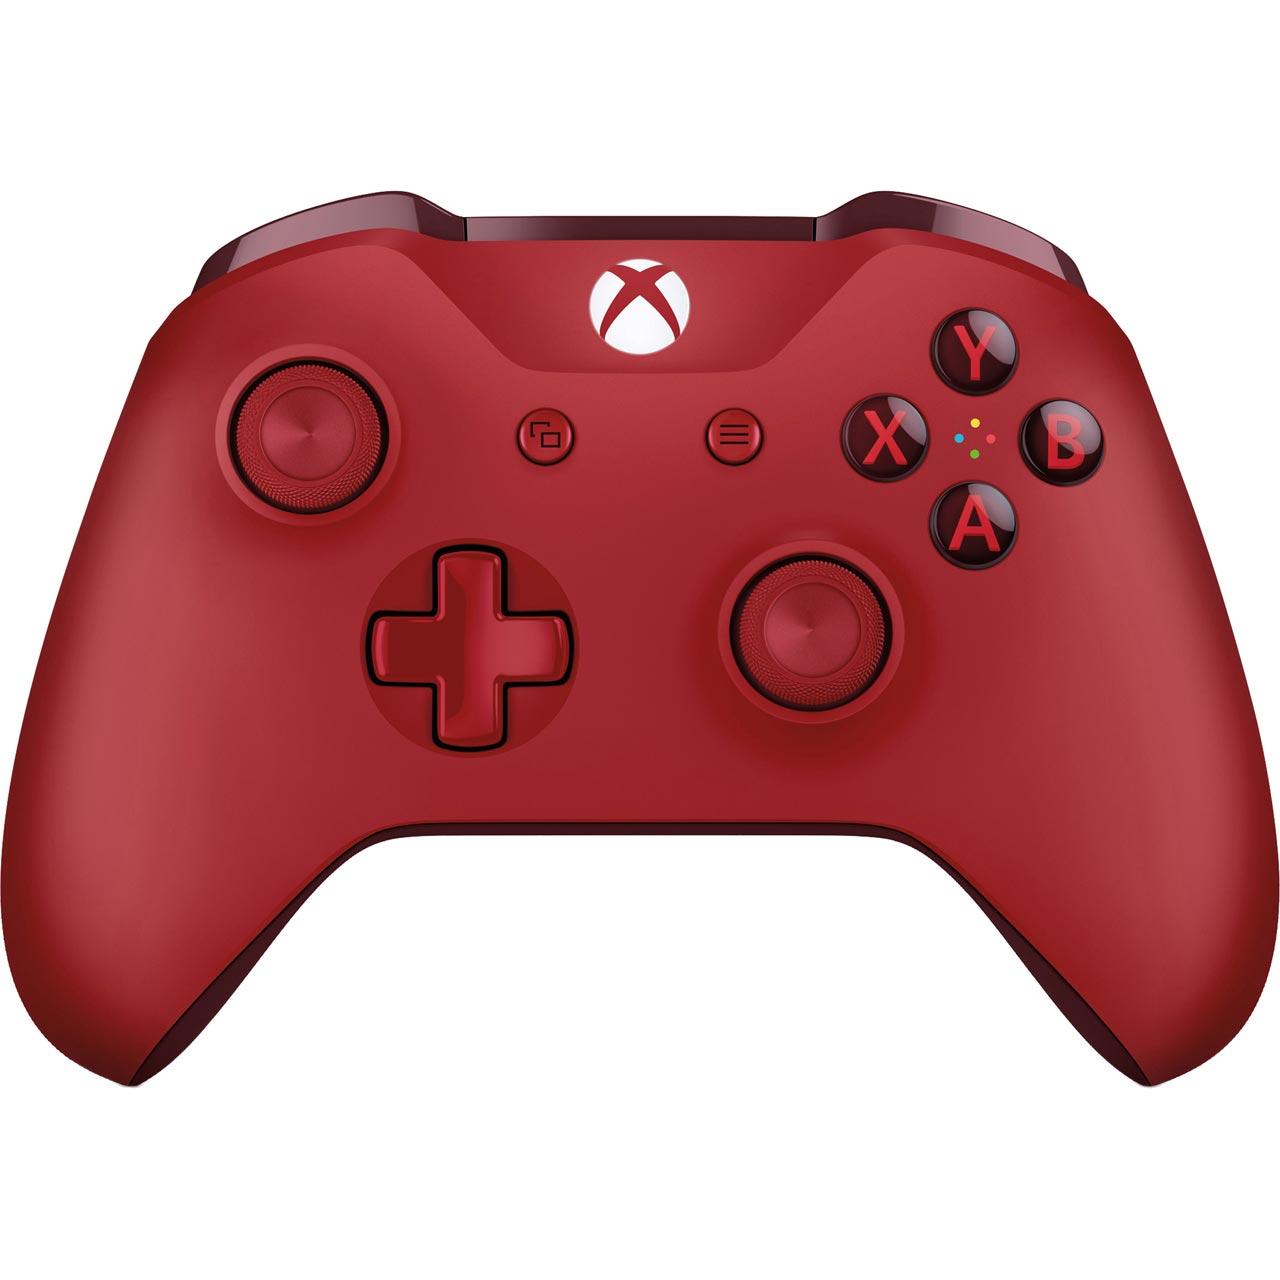 Xbox one controller - £39 @ AO